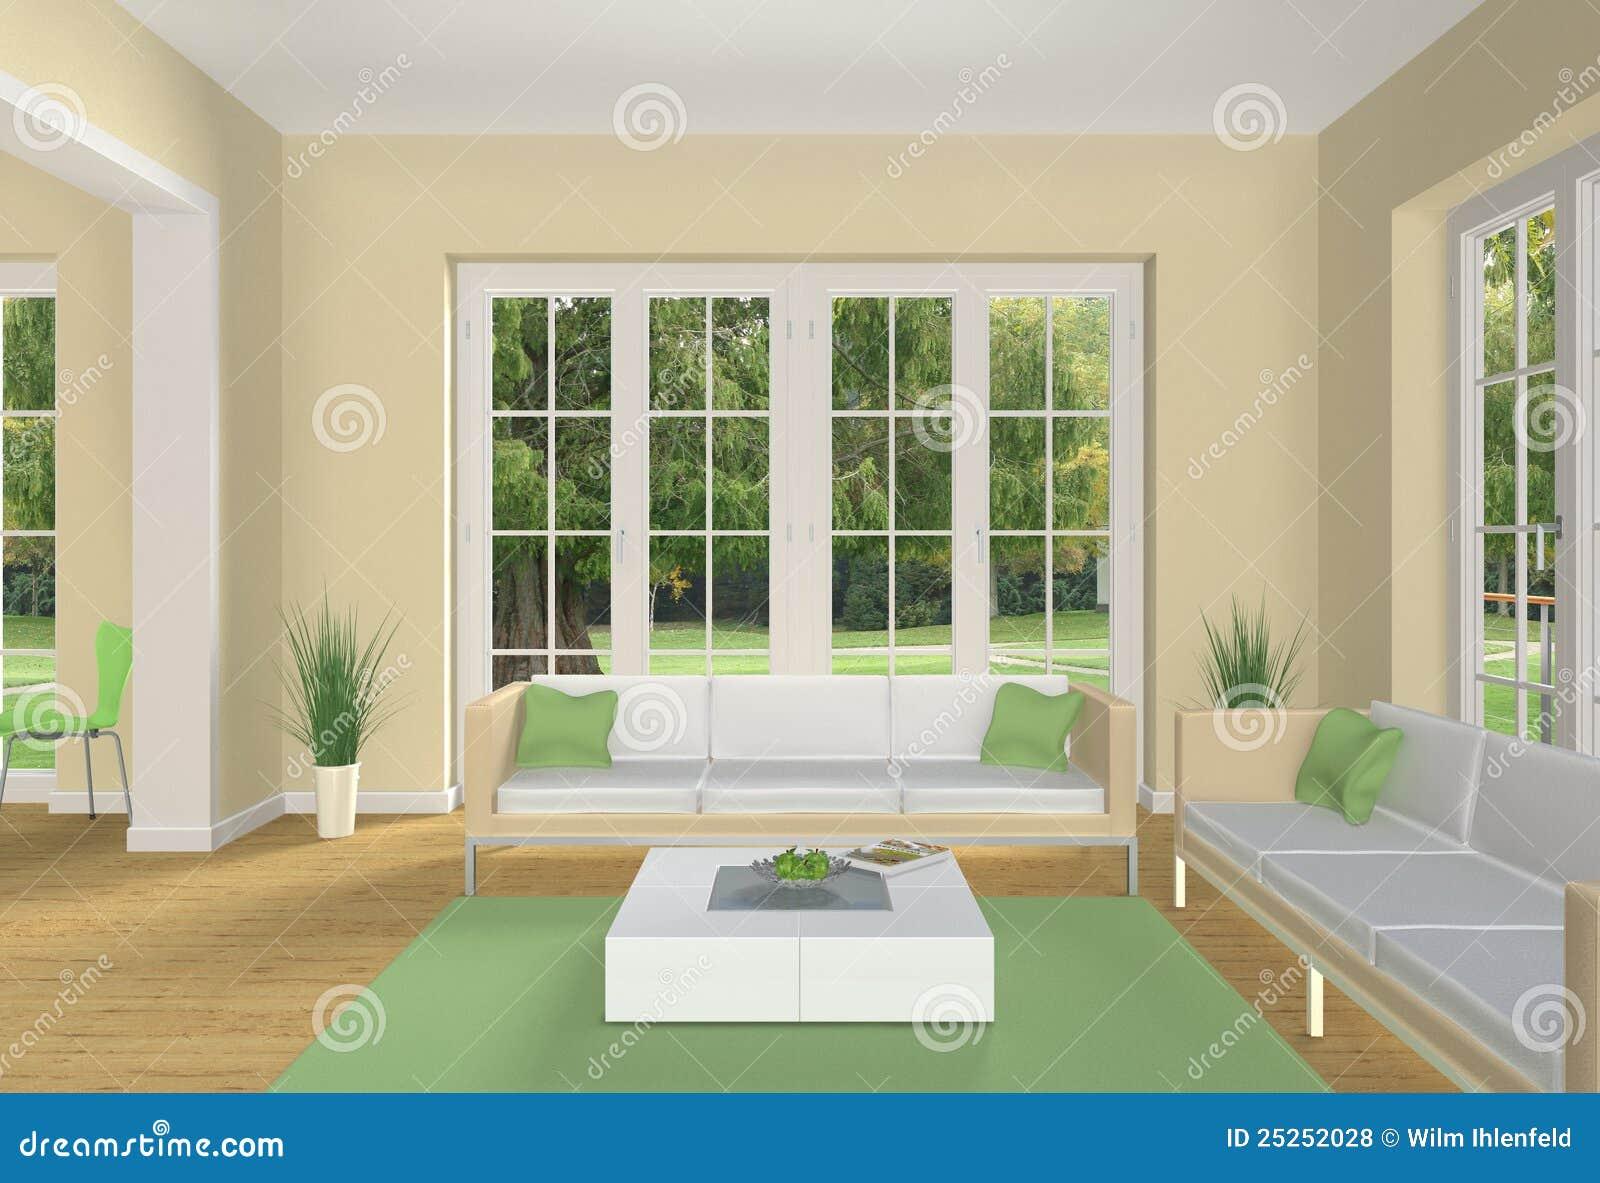 Wohnzimmer Gelb Rot, Wohnzimmer Gelb Gestrichen, Wohnzimmer Gelb Blau